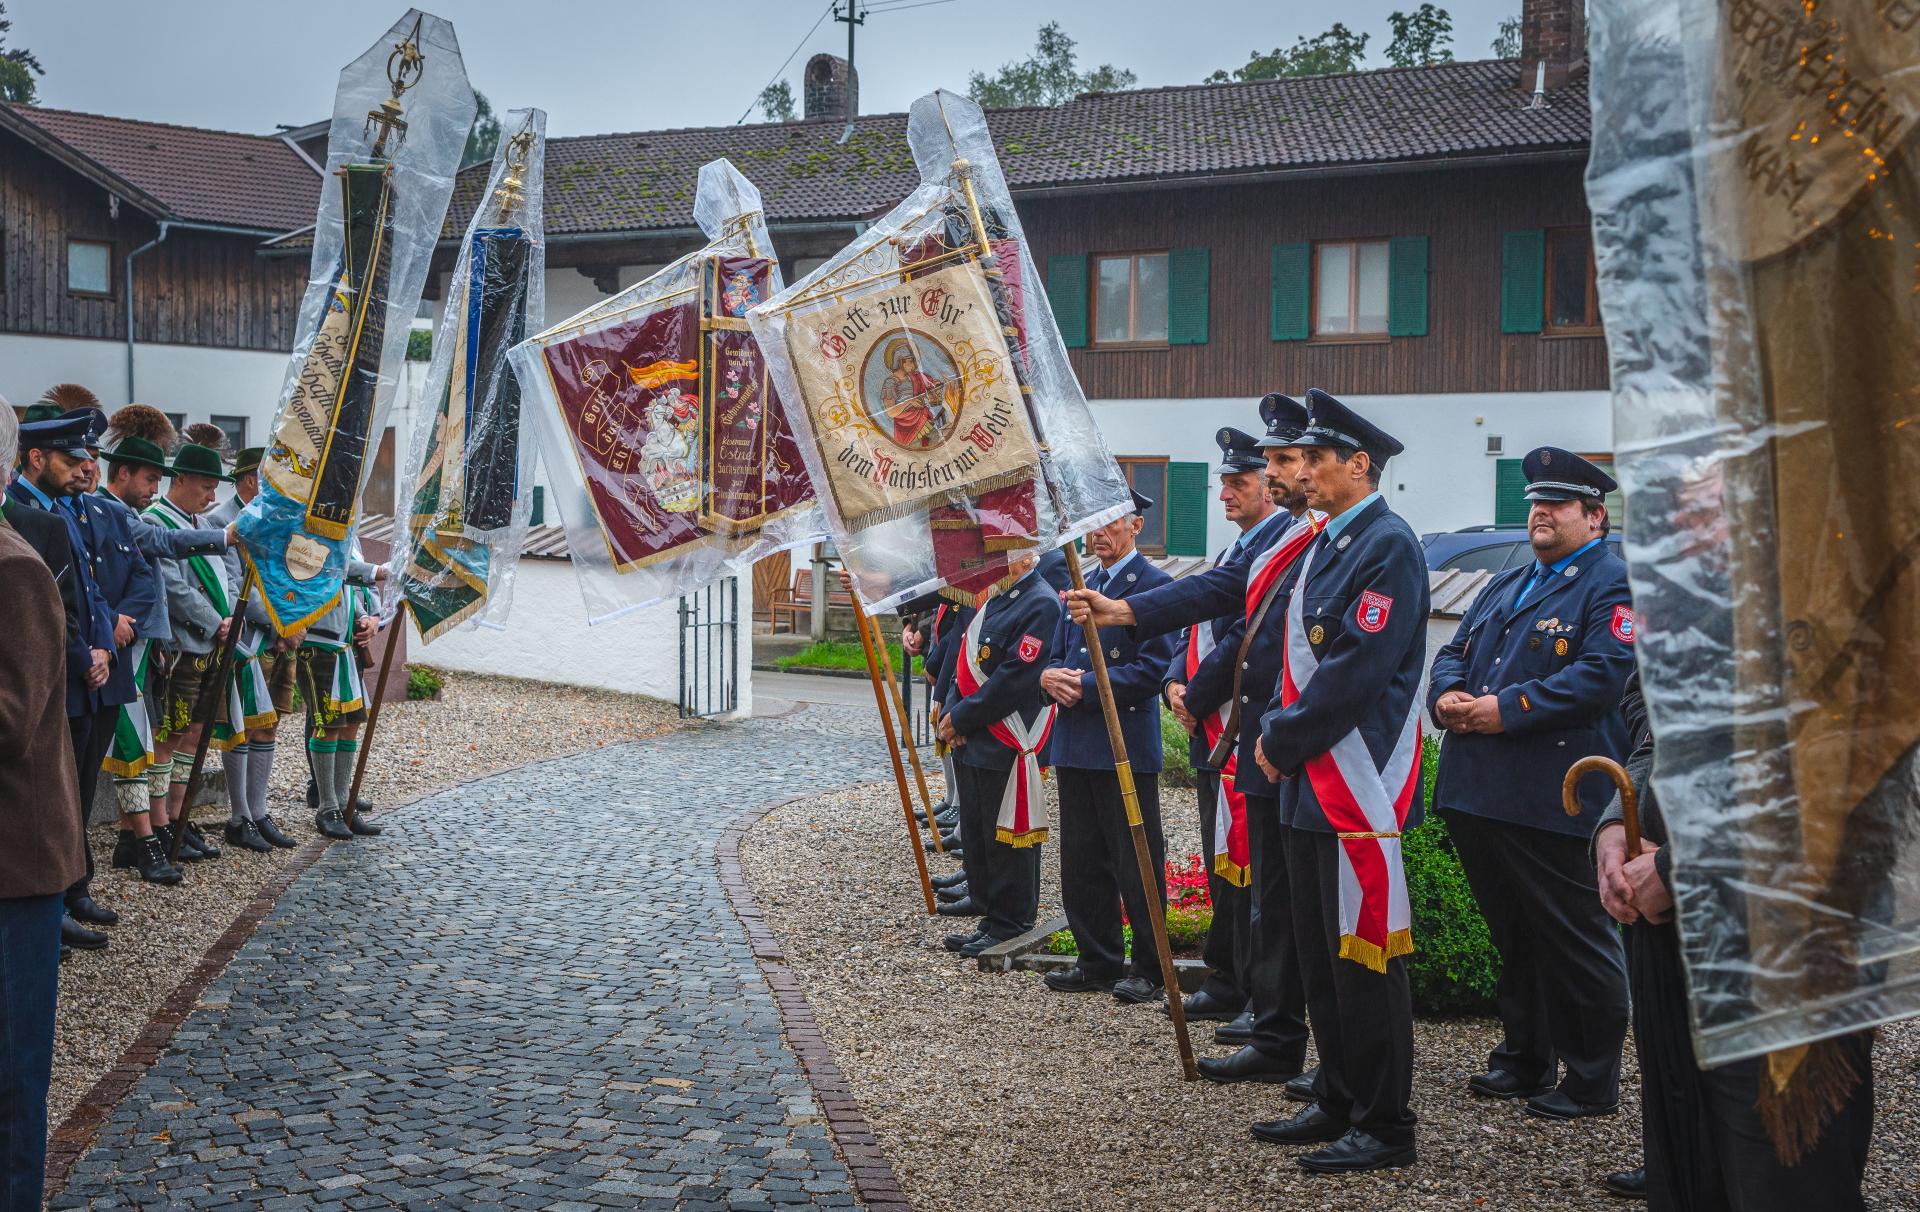 Totengedenken am 6. September 2019 anläßlich des 150-jährigen des Krieger- und Reservistenvereins Sachsenkam-Piesenkam